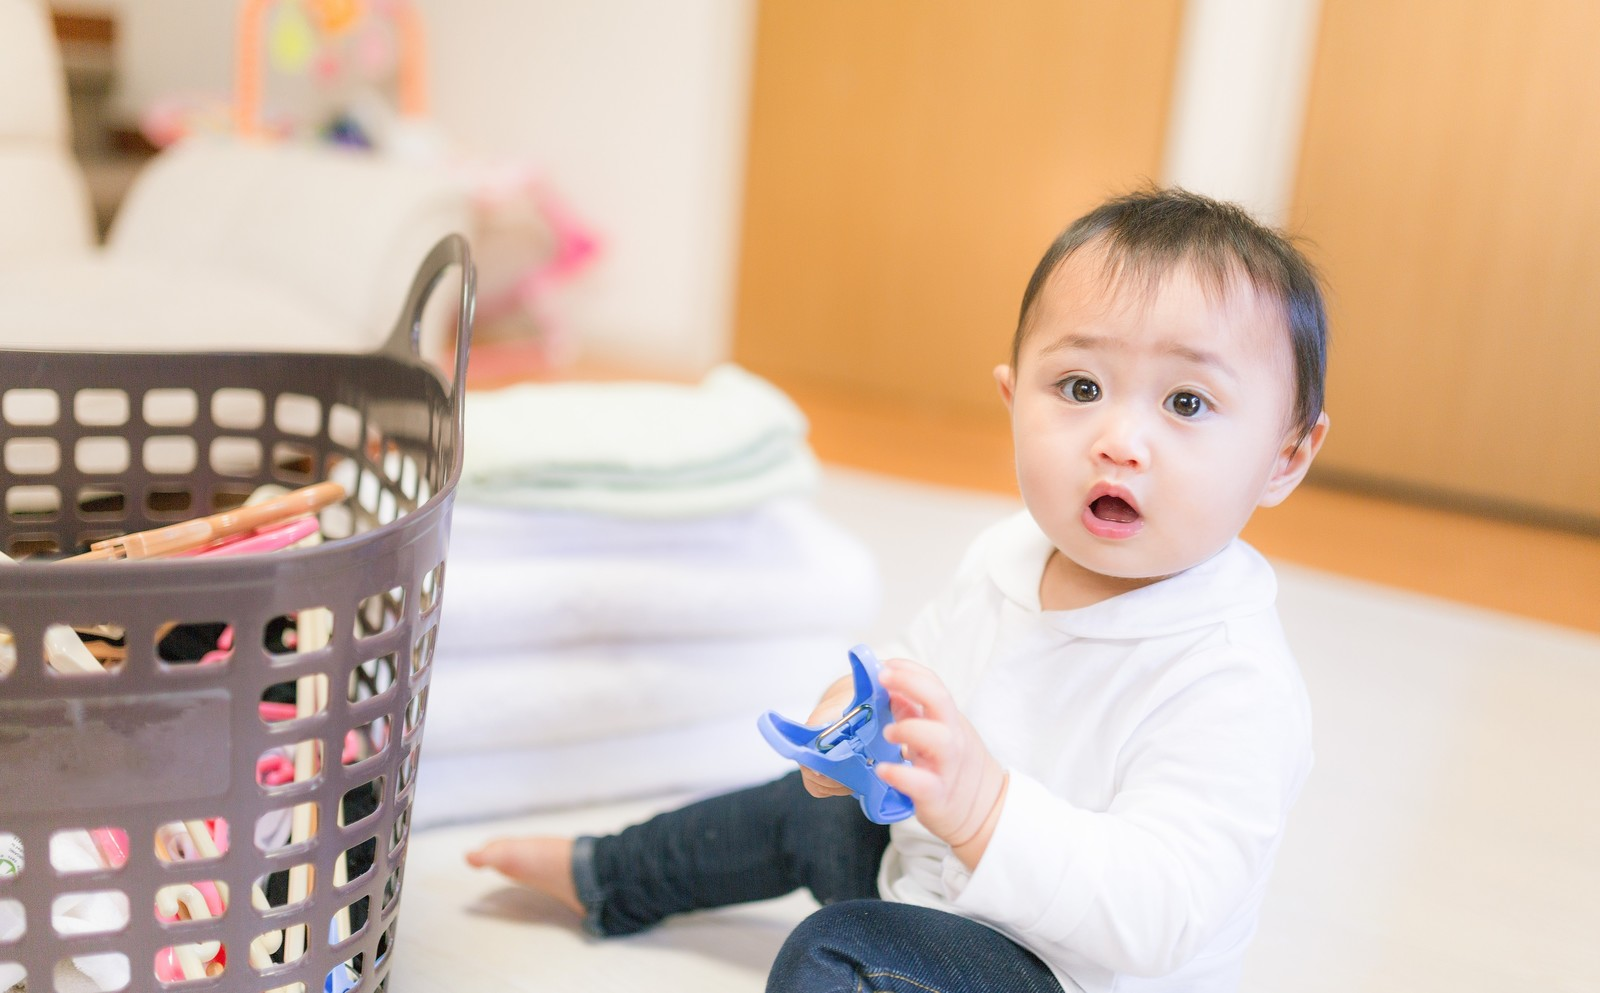 アカパックン洗濯用の効果を実際に買って口コミ!手入れ不要で使い方簡単!